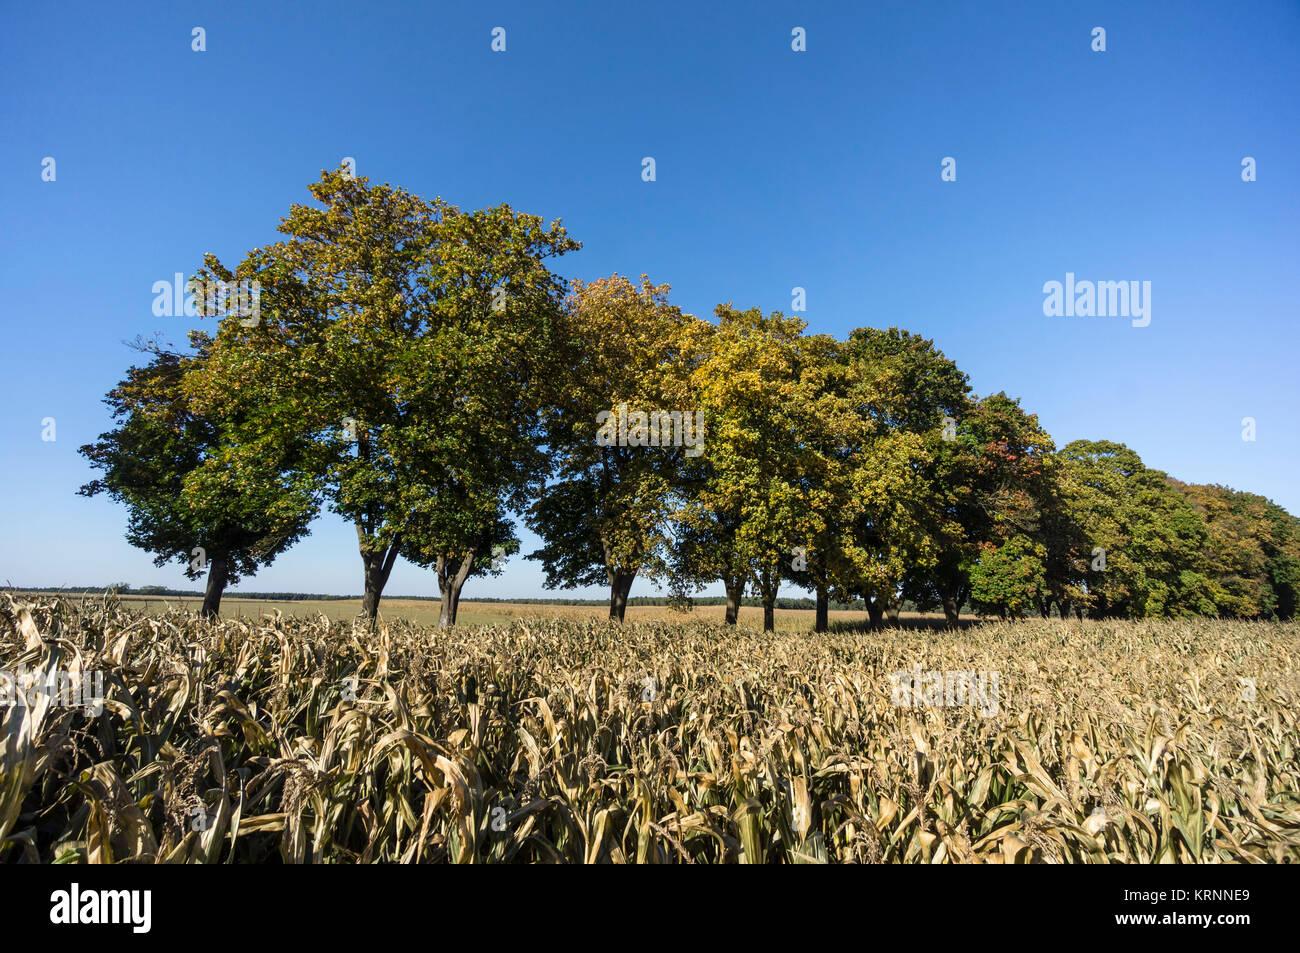 Gasse, im Herbst, in der Nähe von Ruednitz, Land Brandenburg, Deutschland Stockbild